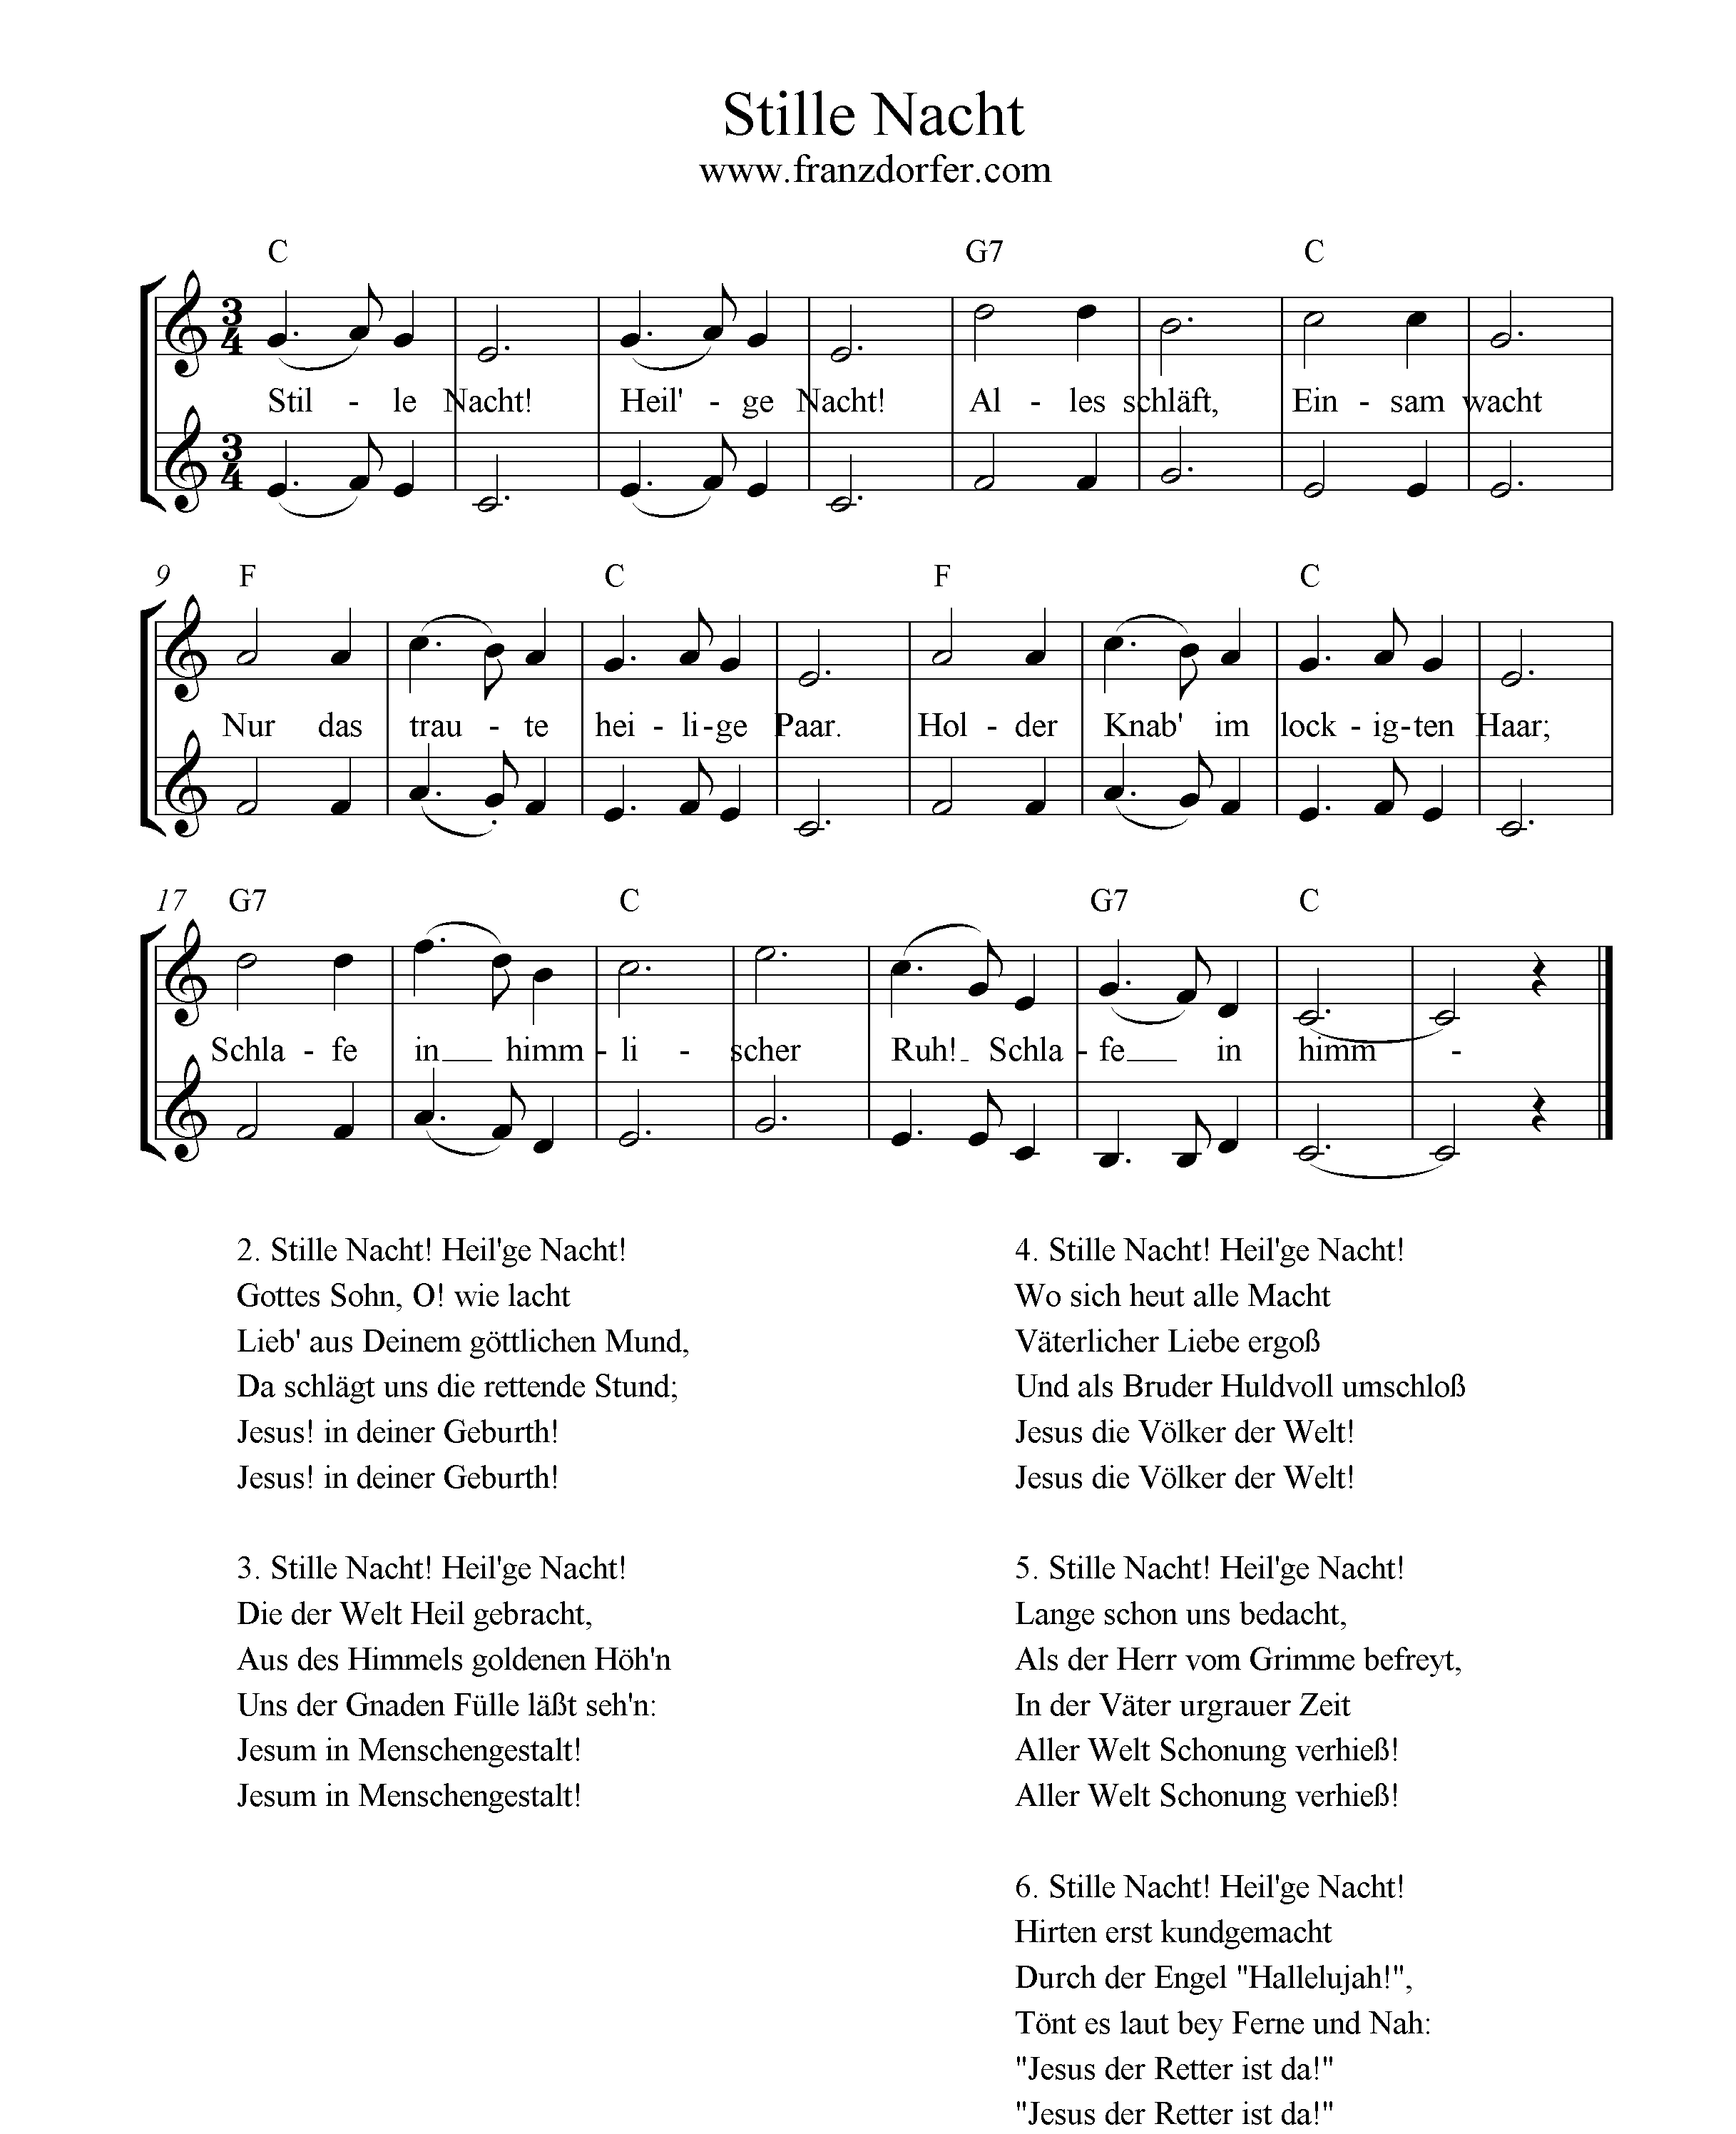 Glockenspiel Weihnachtslieder Noten Kostenlos.Stille Nacht 2stimmig